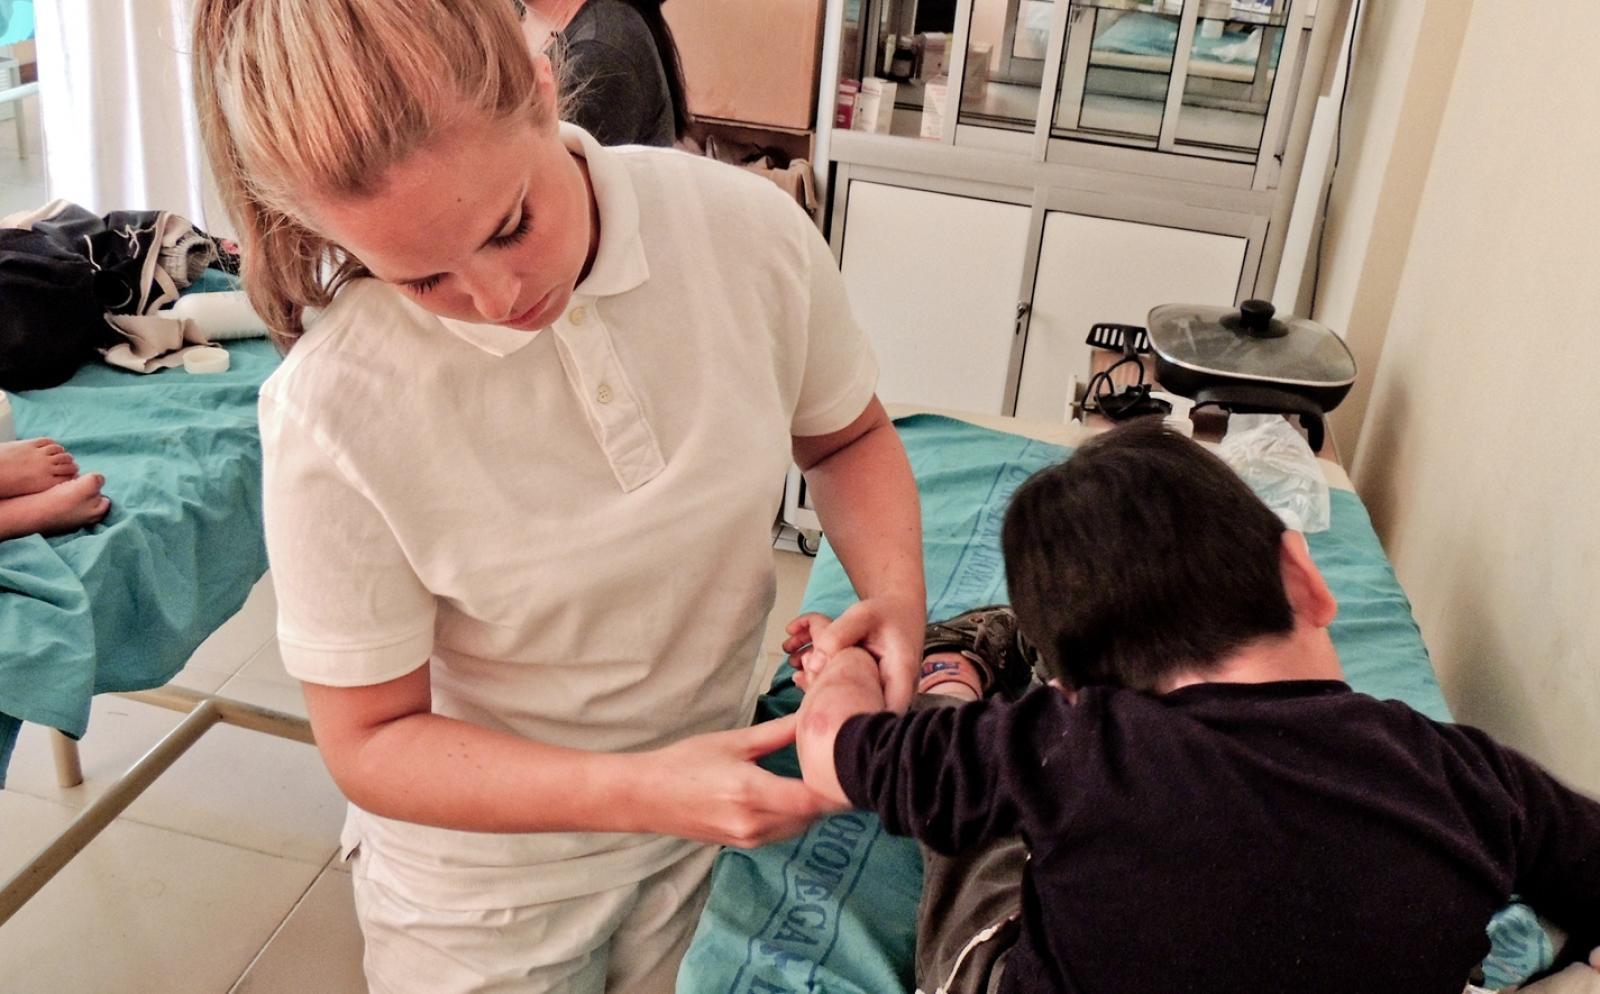 発展途上国の病院で小児患者をサポートする理学療法インターン